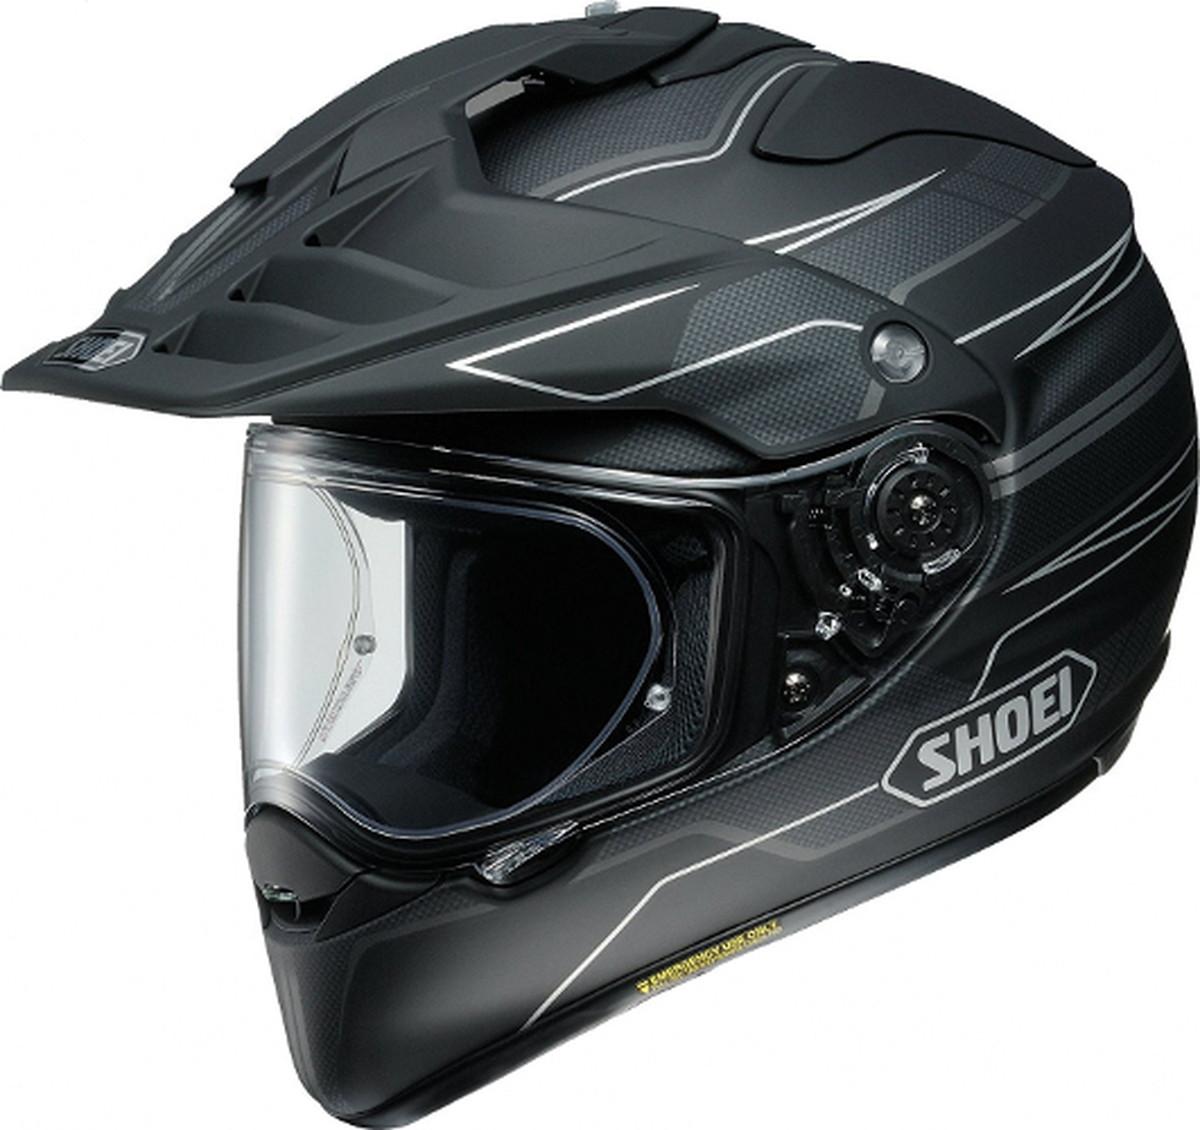 【動画あり】 SHOEI オフロードヘルメット HORNET ADV NAVIGATE (ナビケート) TC-5 Lサイズ